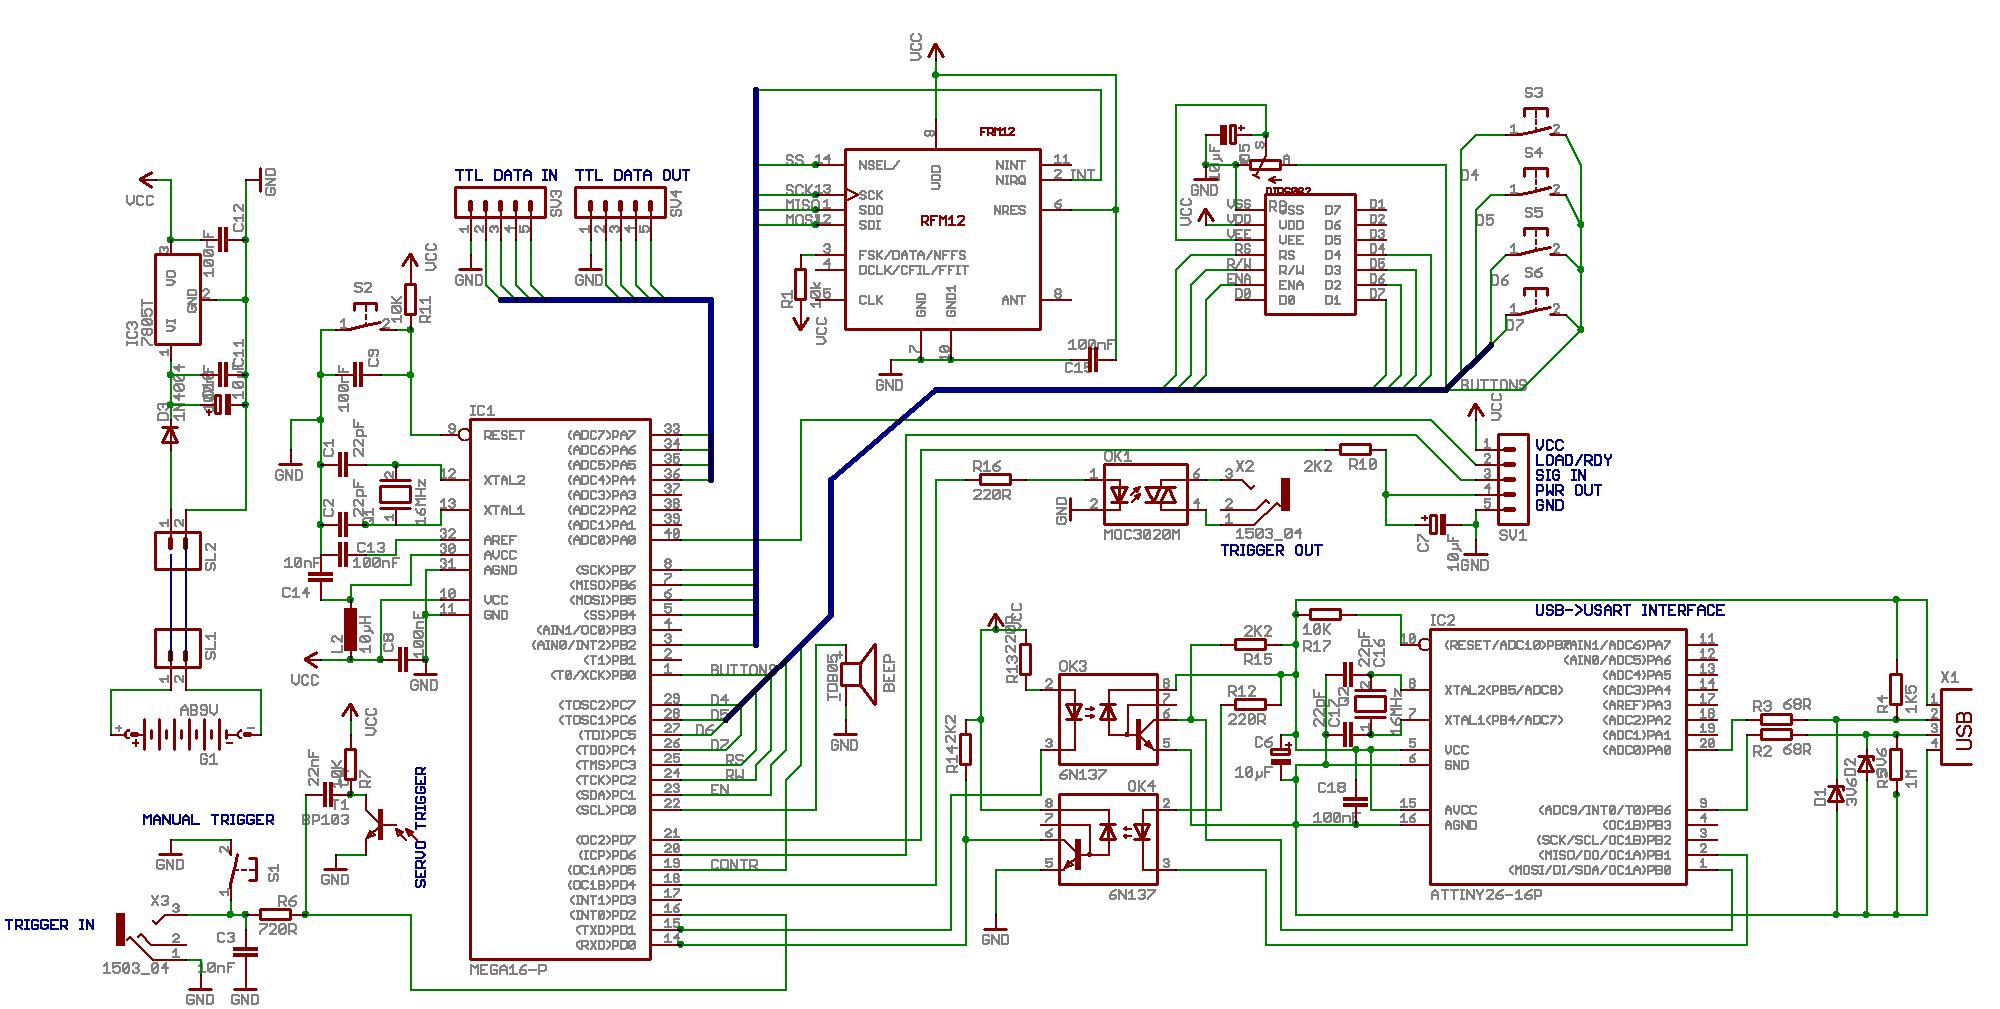 Ausgezeichnet Proton Wira Schaltplan Ideen - Elektrische Schaltplan ...